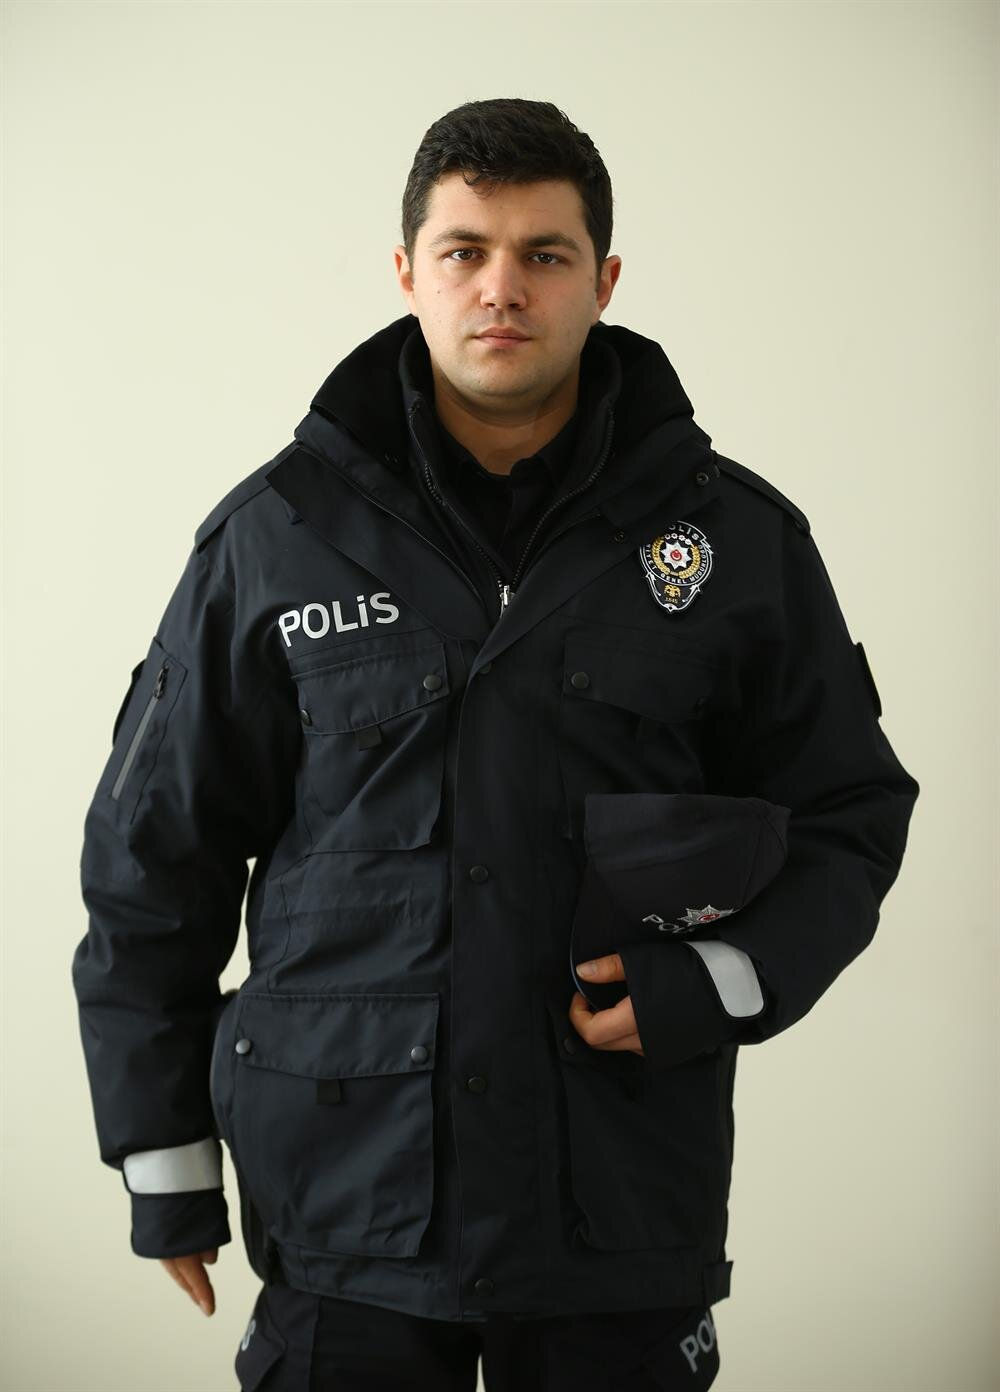 8d85357c90044 Emniyet'in 5 biriminin kıyafetlerinde değişiklik! İşte polislerin ...